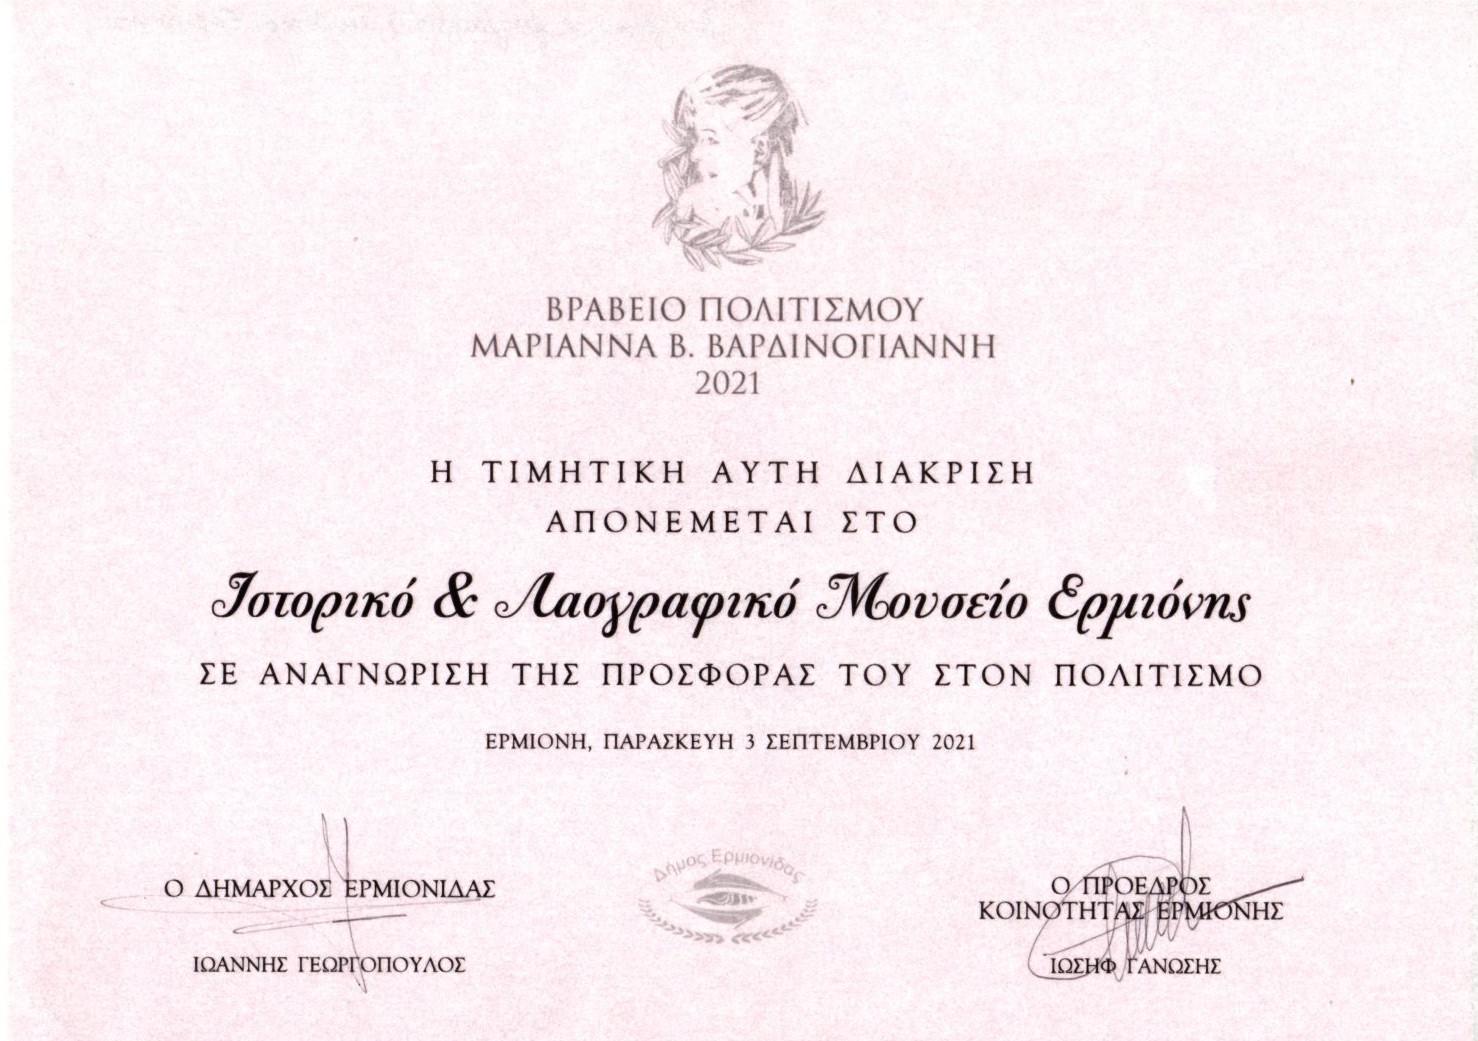 """Βραβεία Πολιτισμού """"Μαριάννα Β. Βαρδινογιάννη"""" 2021"""